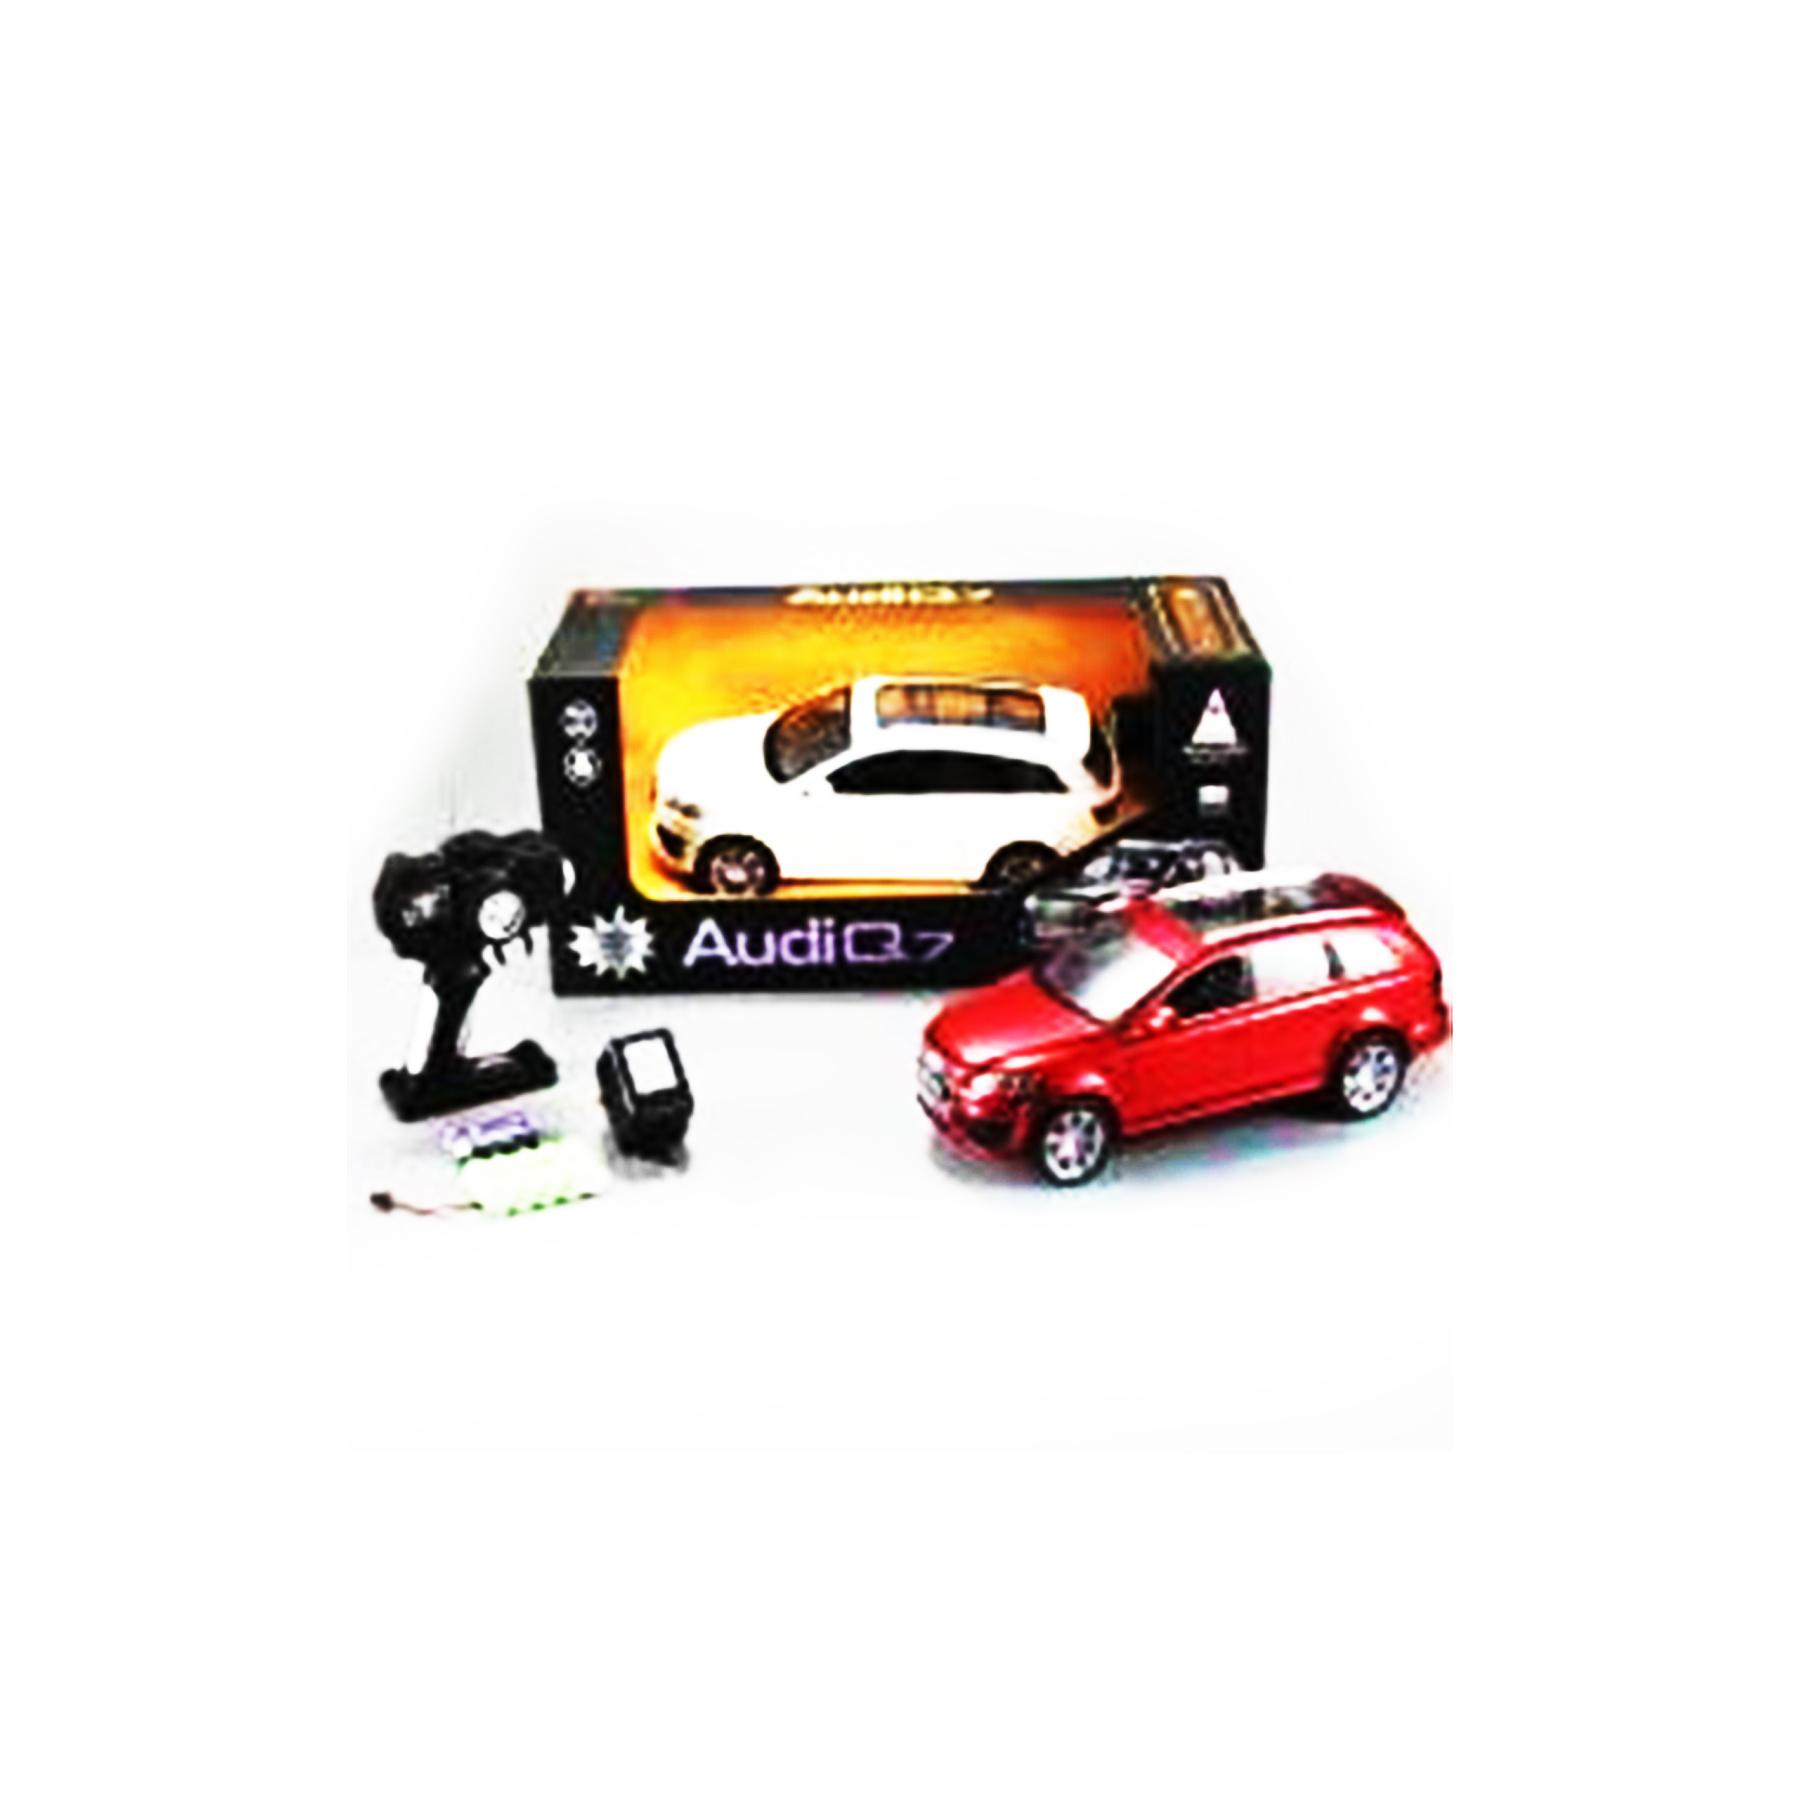 Автомобиль пластмассовый на Р/У модель Audi Q7  300311-1 (357748)